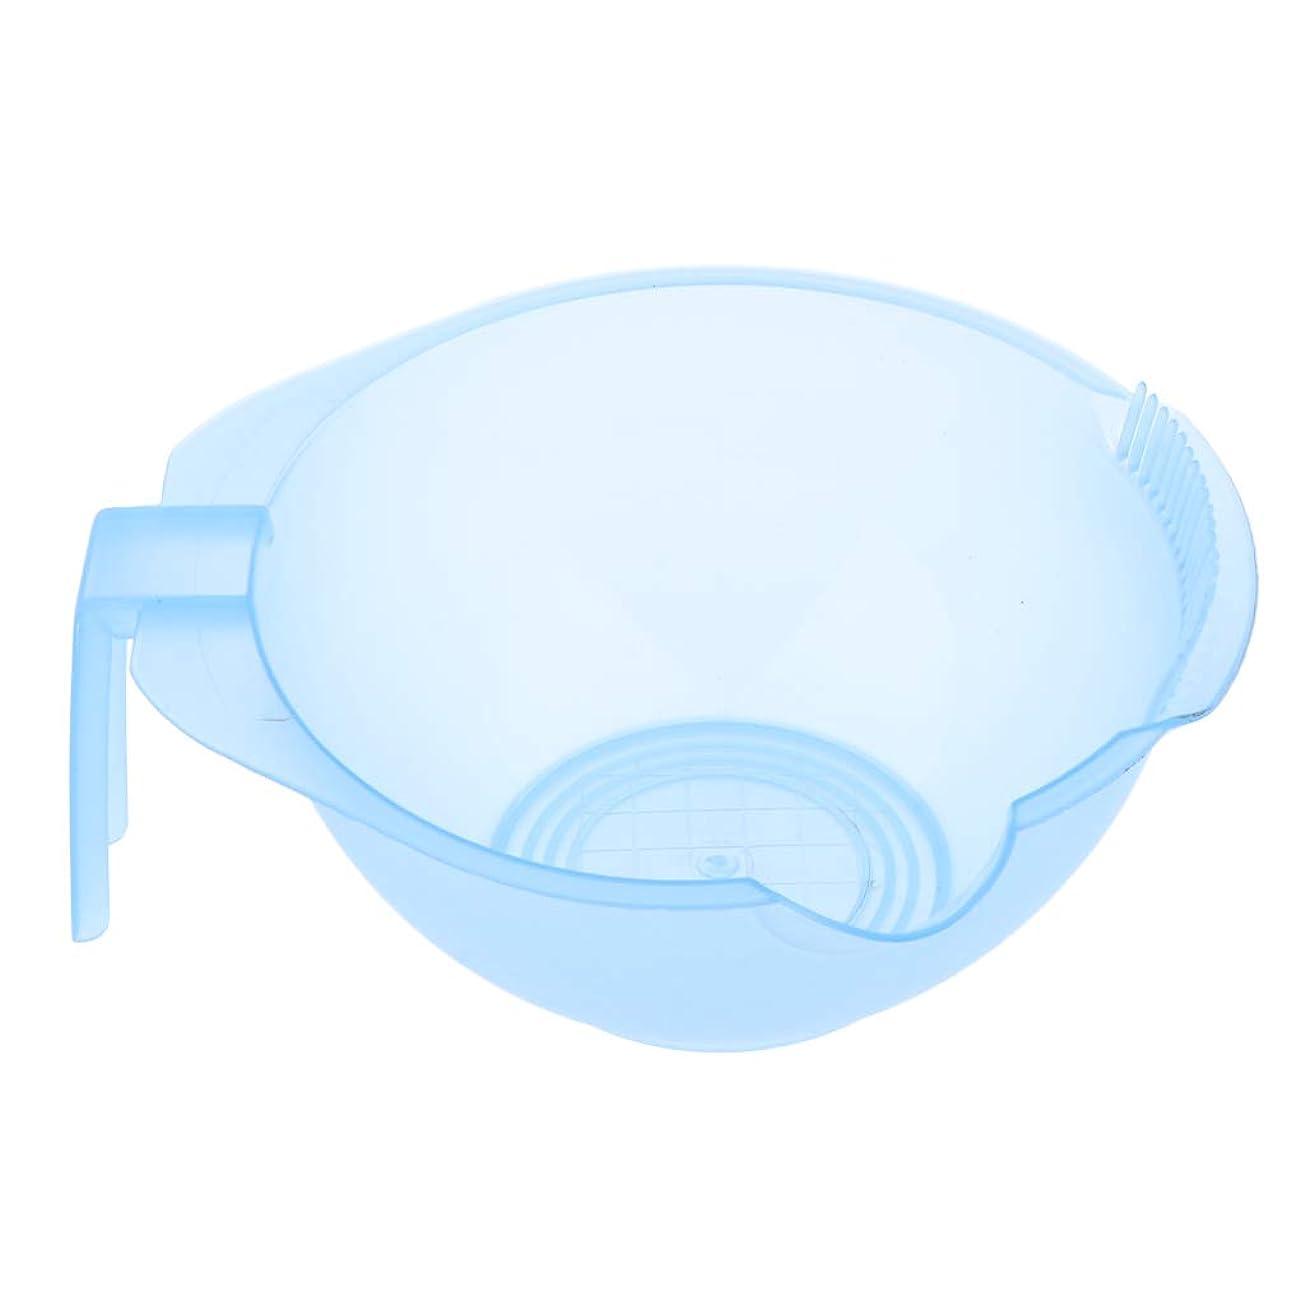 期限なしで才能のあるP Prettyia ヘアカラーボウル ミキシングボウル プロのサロン 家庭用DIY 5色選べ - 青